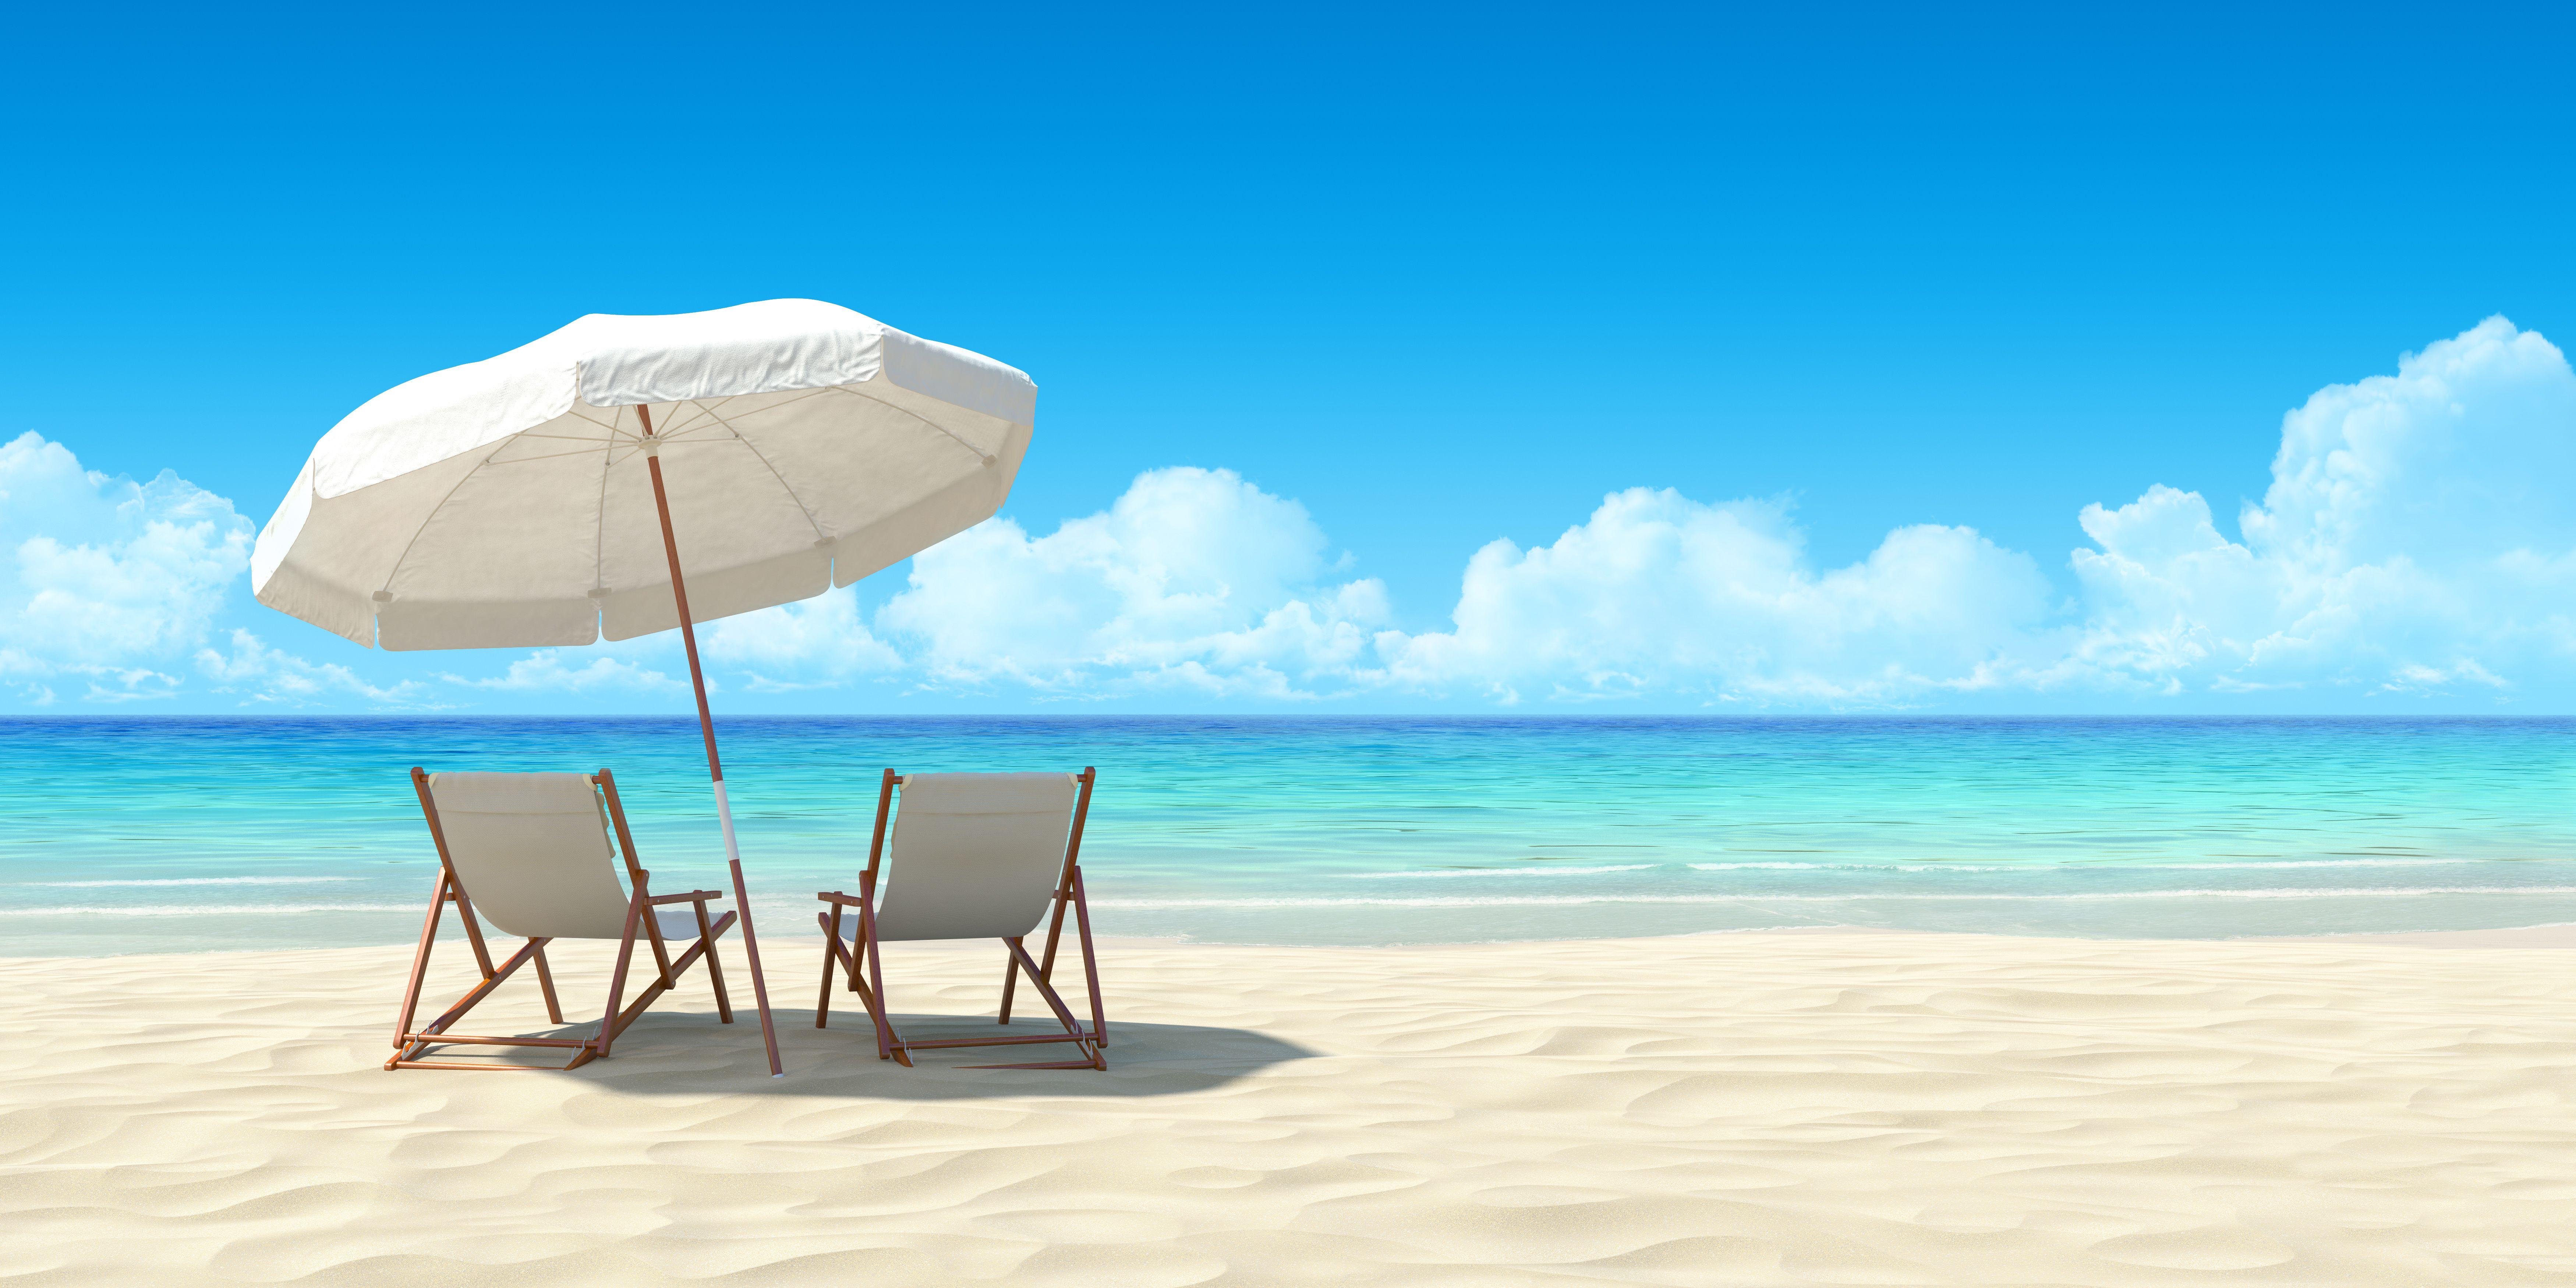 30a34cc3e Chaise lounge and umbrella on sand beach. - Kerr Lake Cornhole and ...